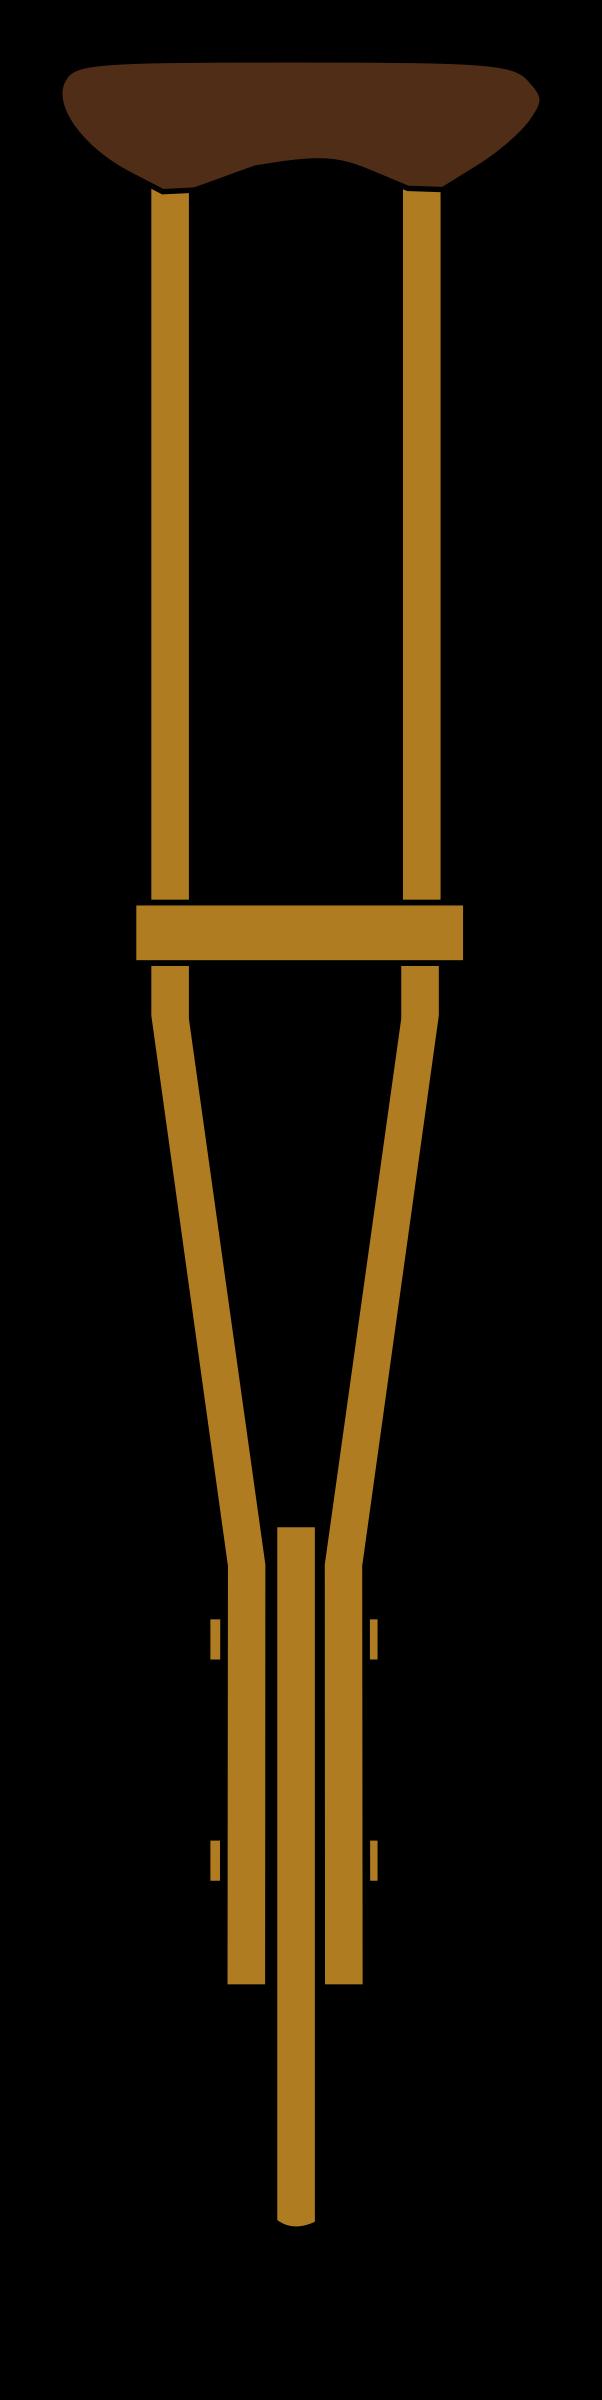 Free Crutches Cliparts, Download Free Clip Art, Free Clip.